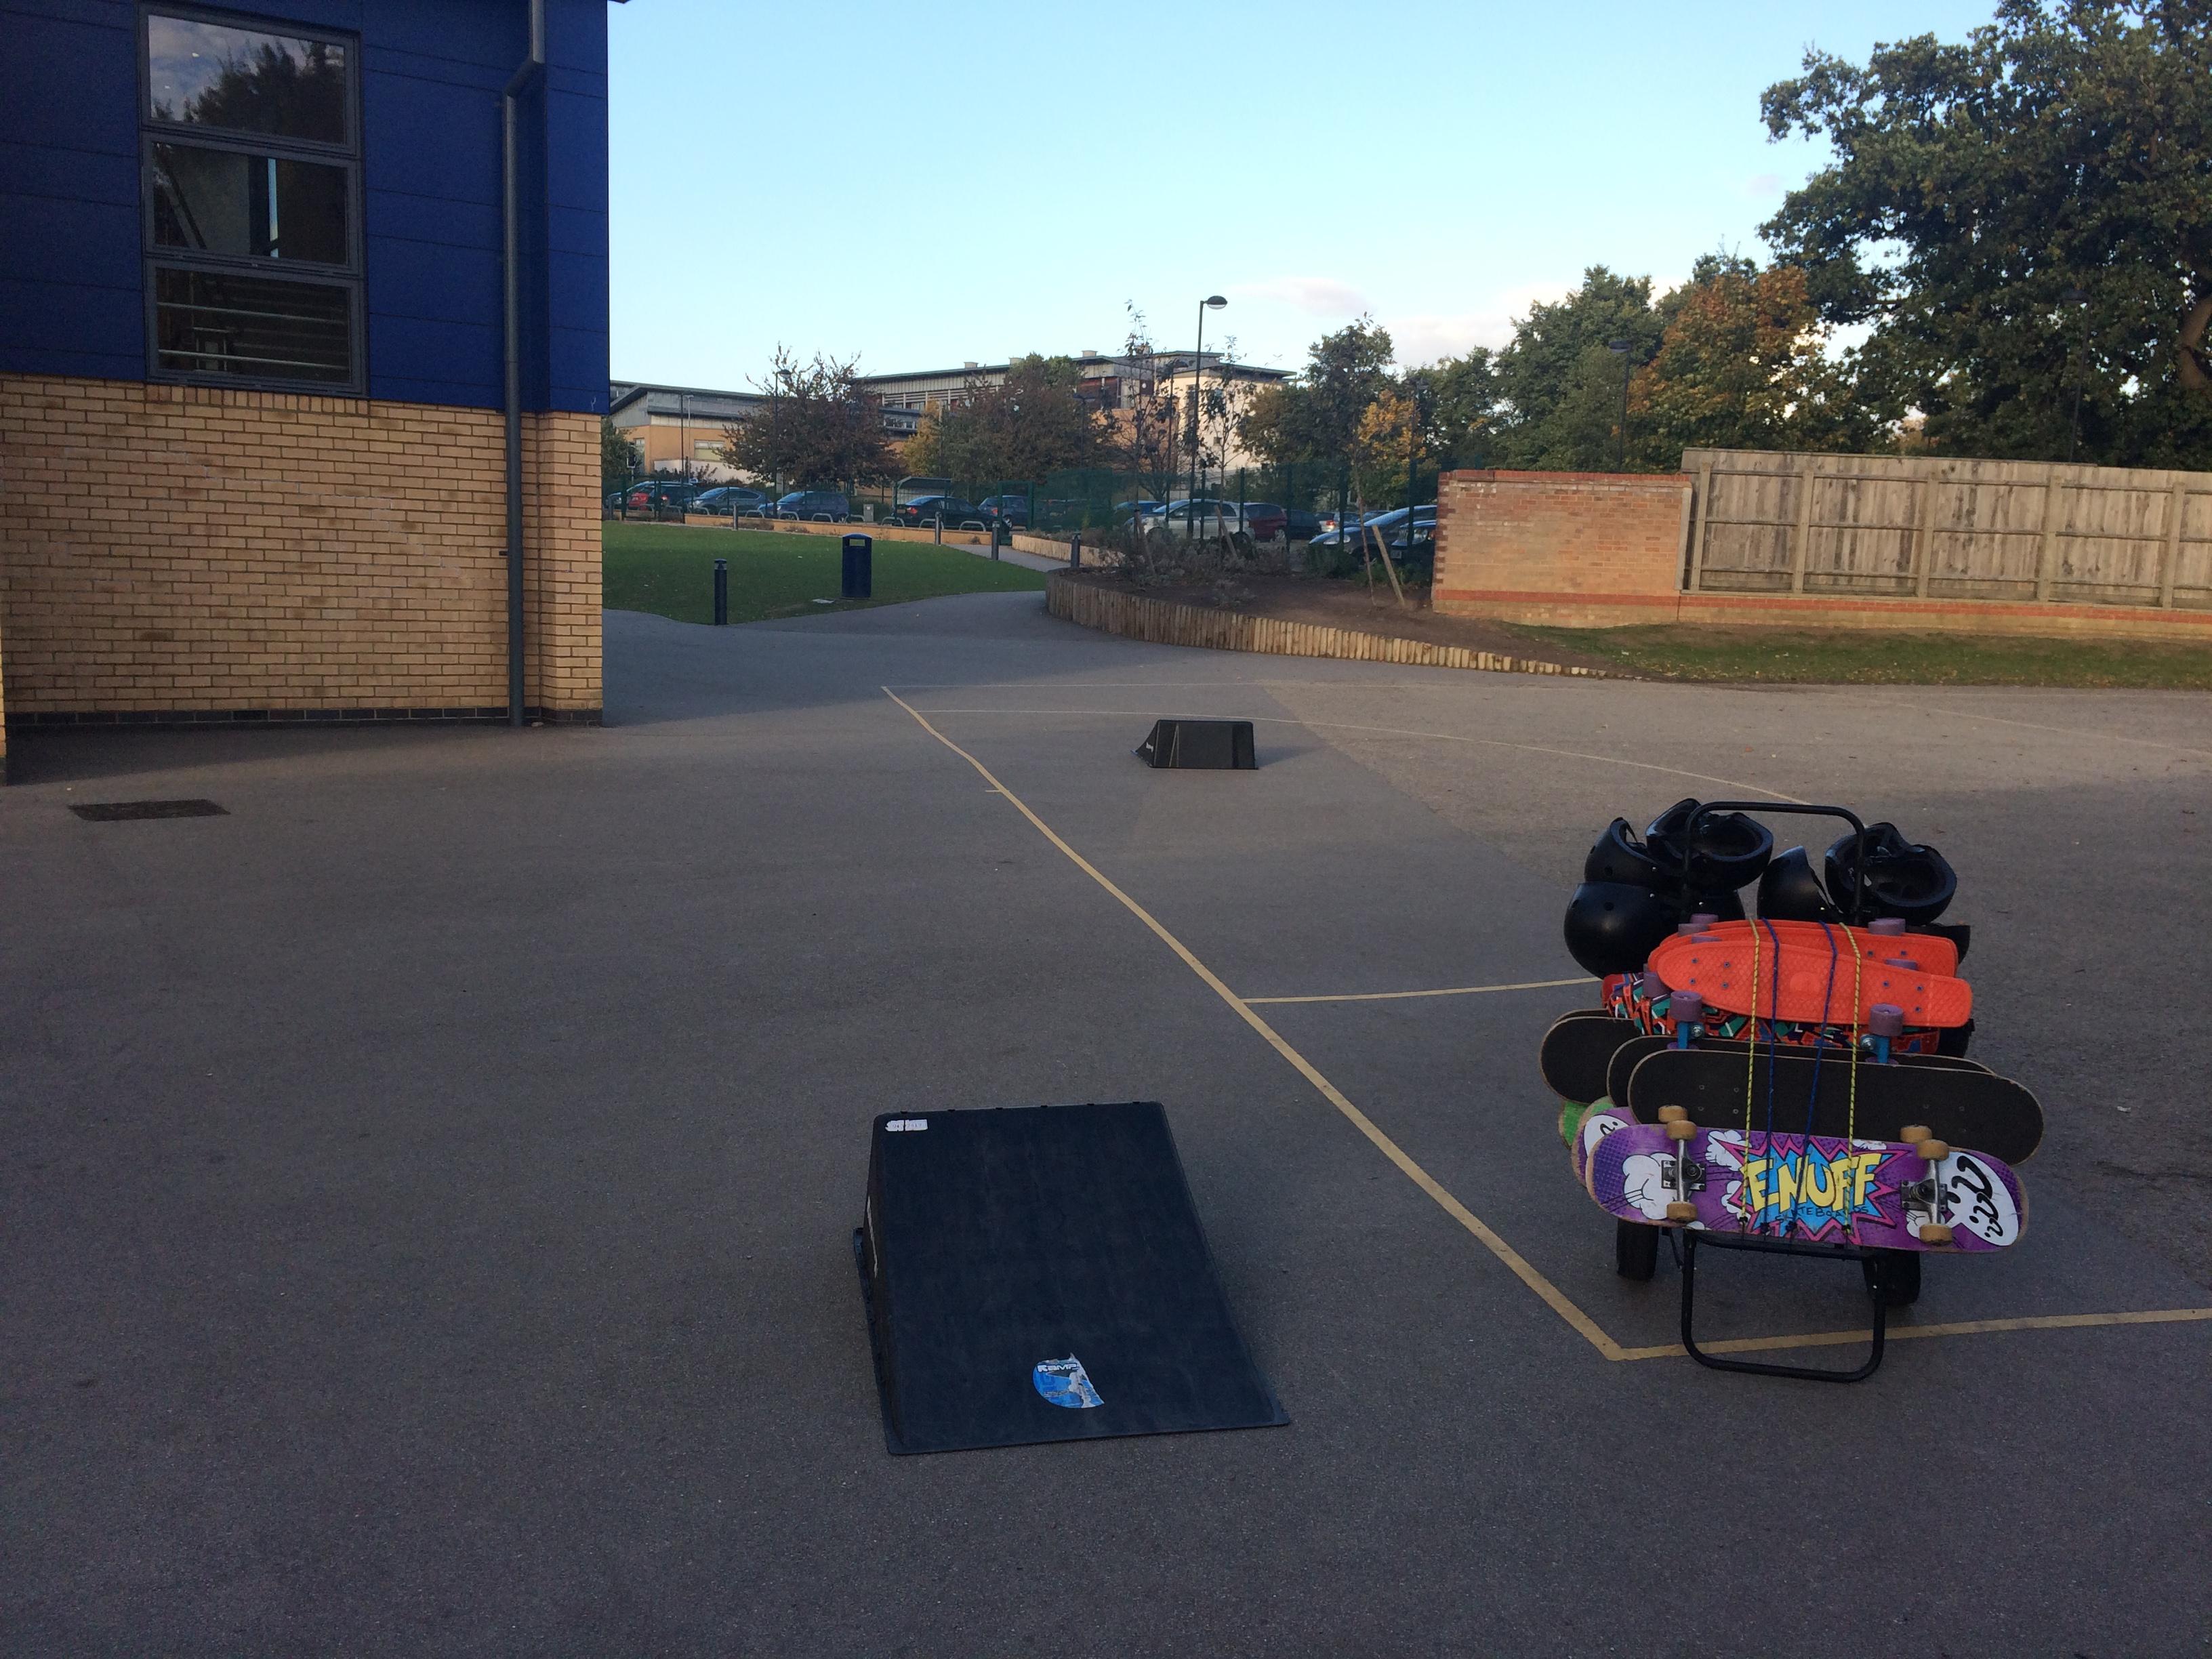 St John's Playground